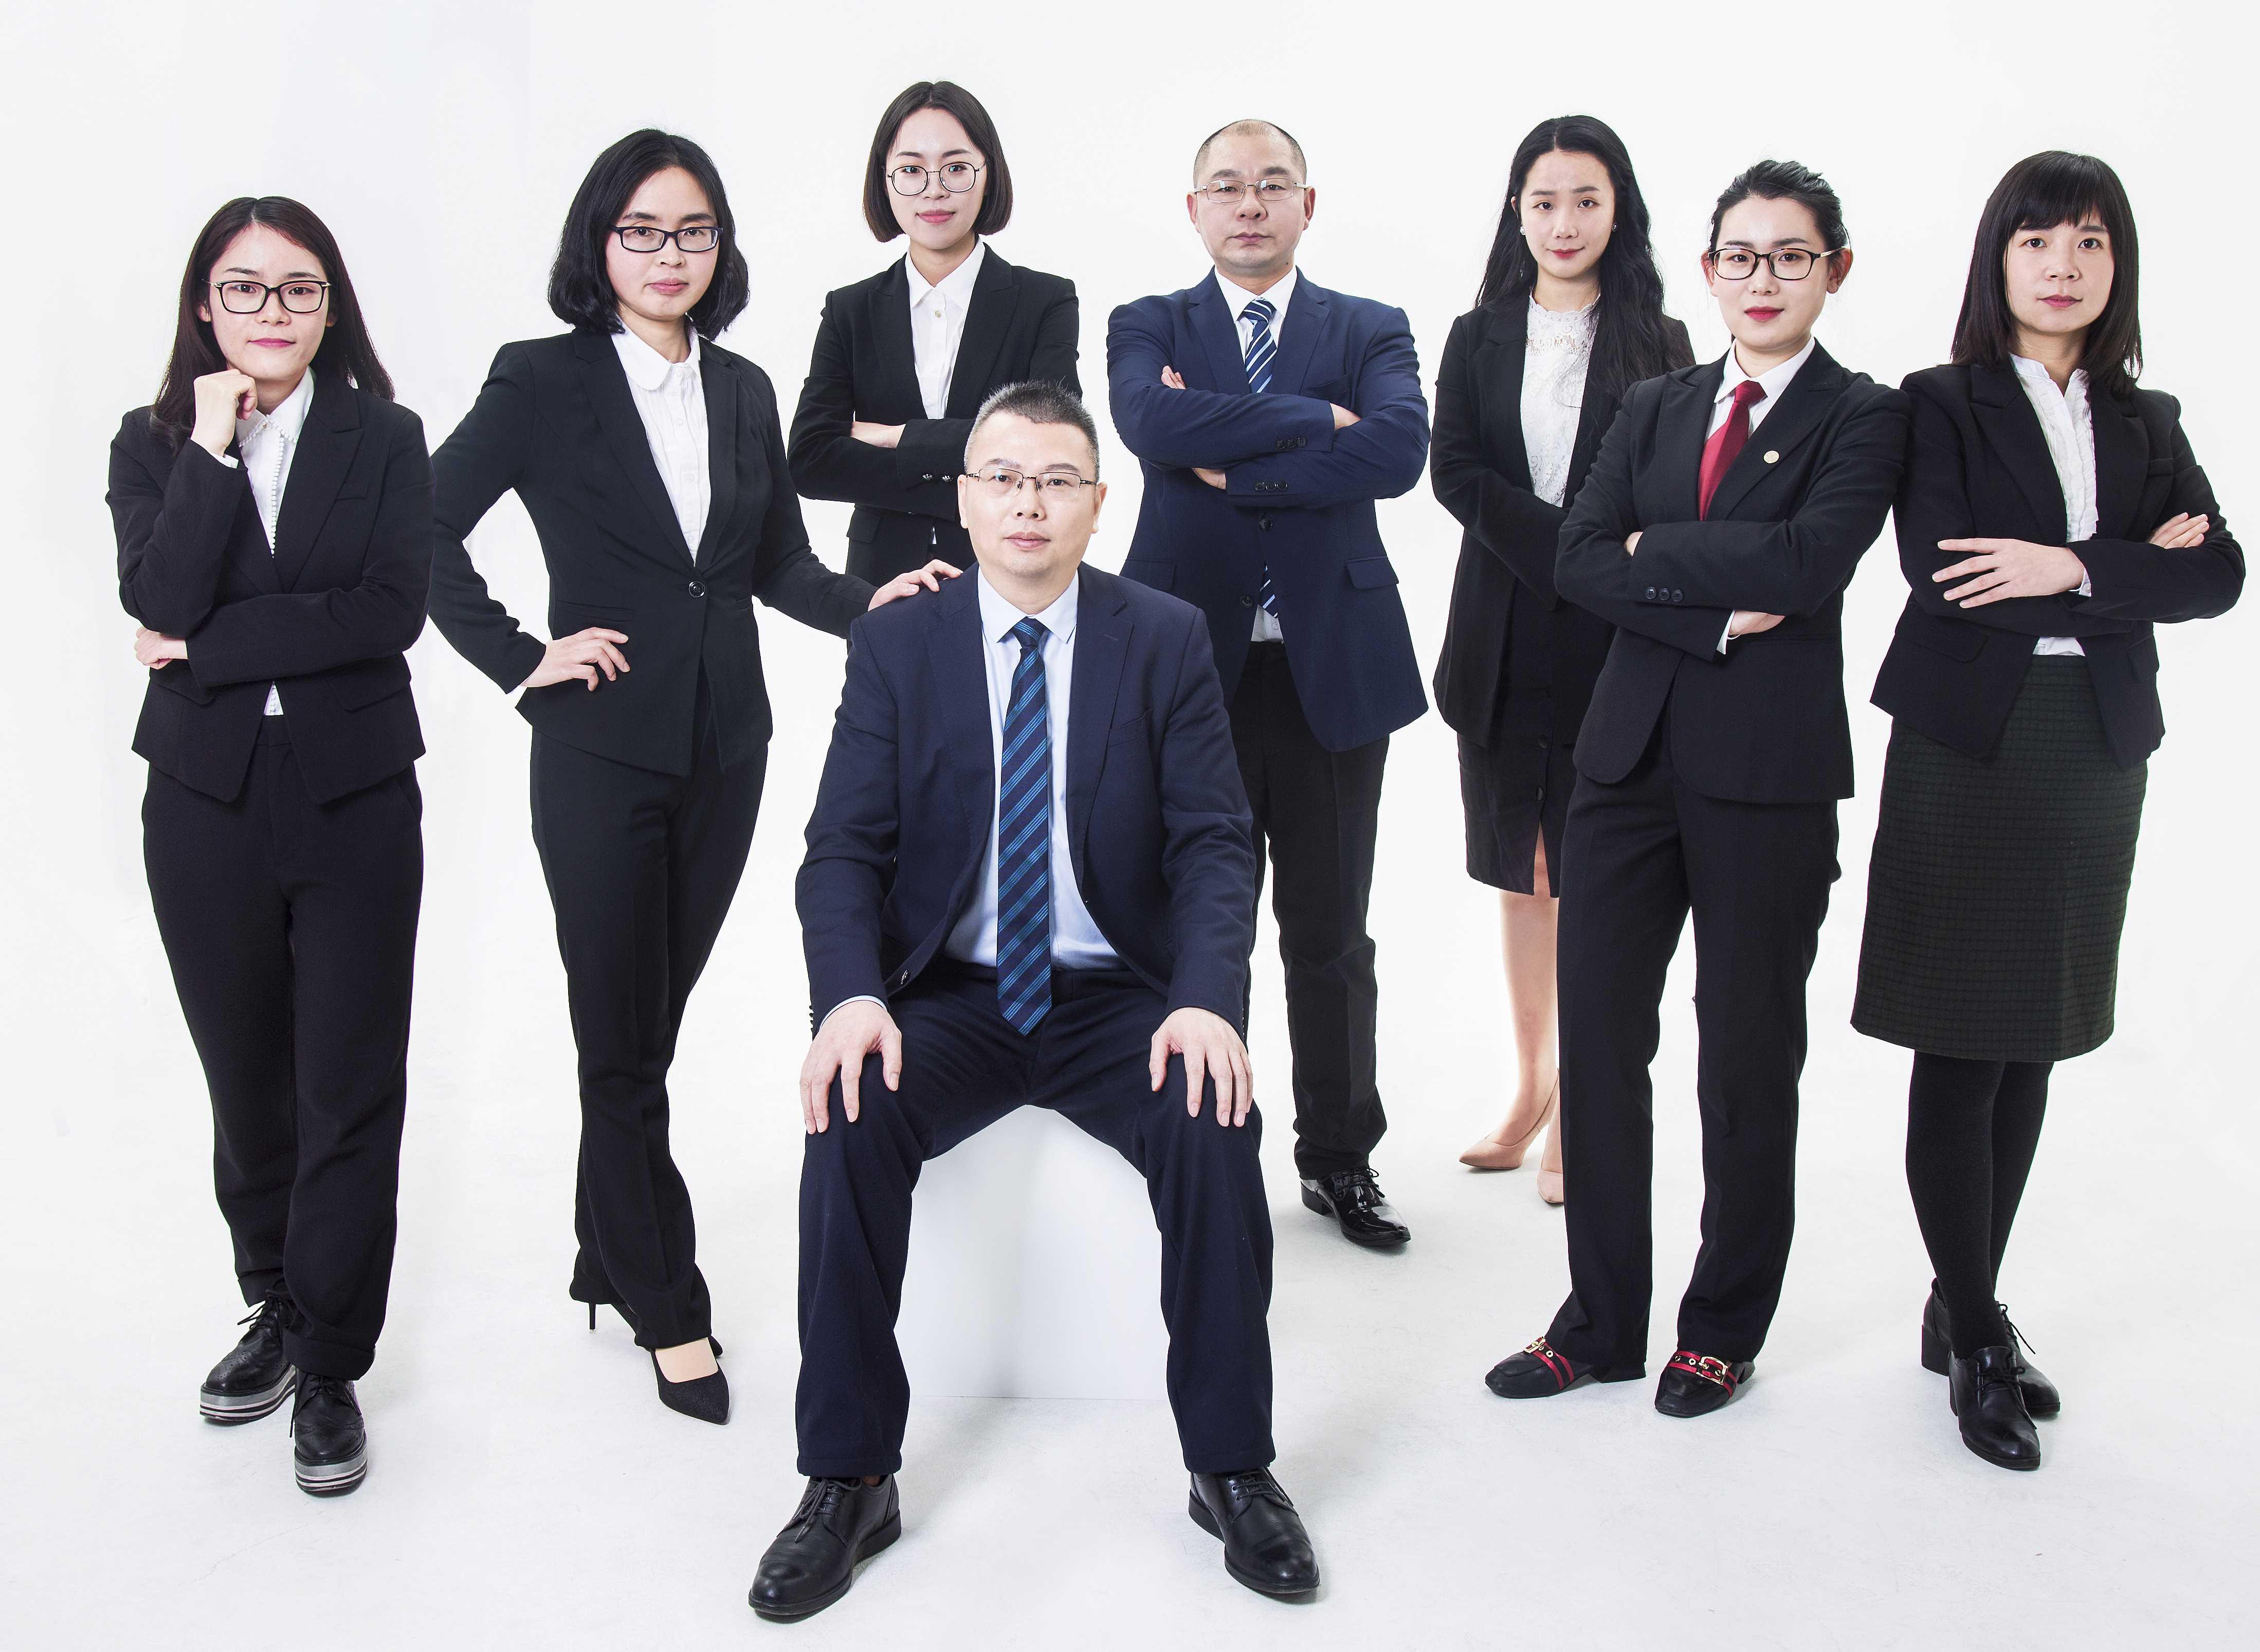 佐钊家宁强大的律师团队